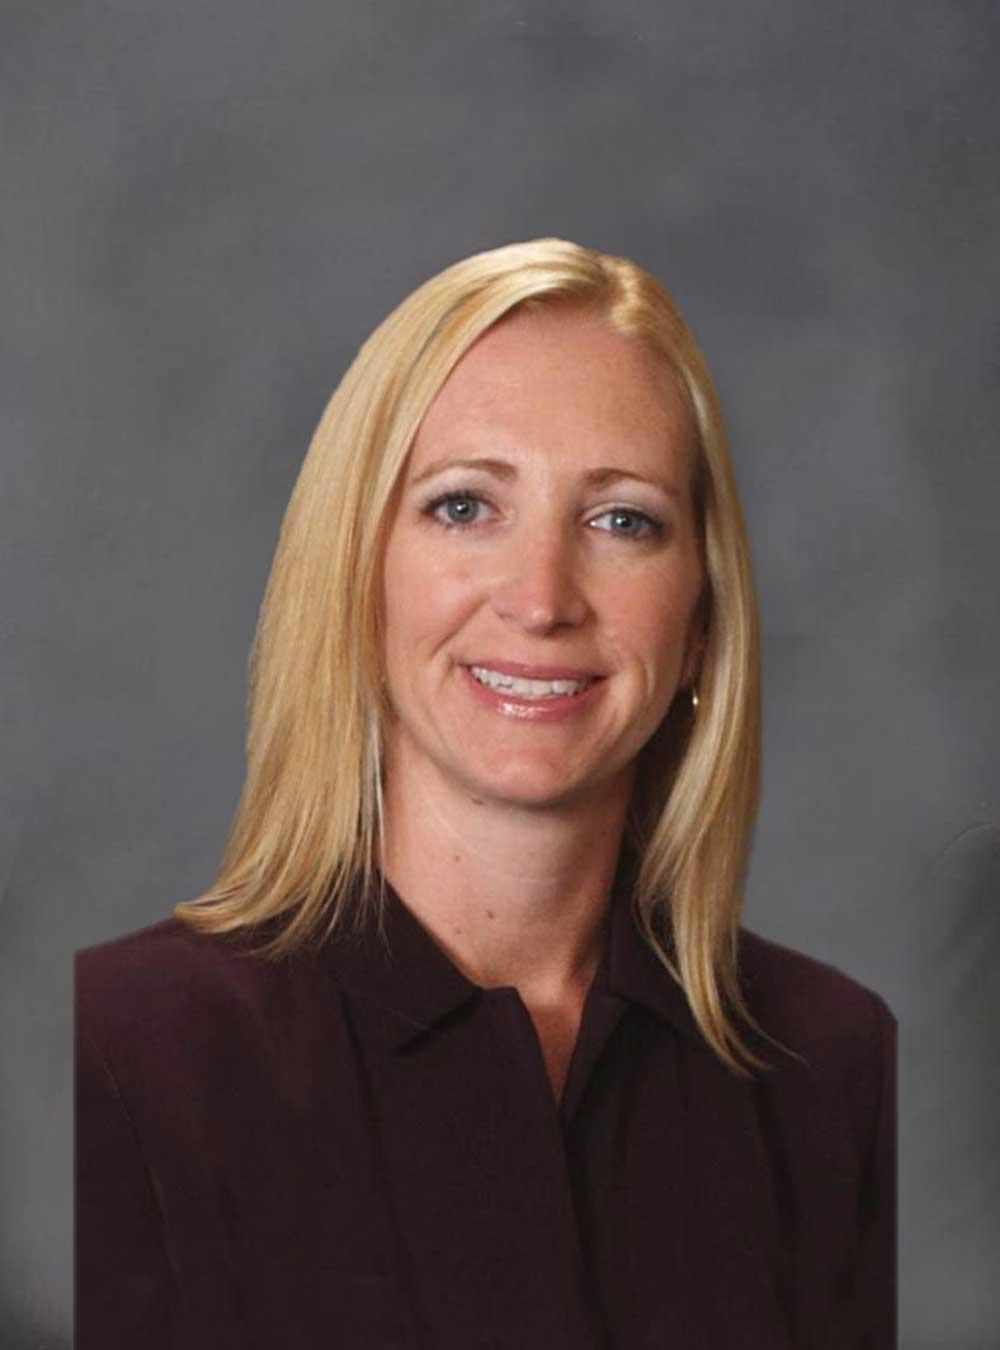 Portrait of Megan A. Fairlie